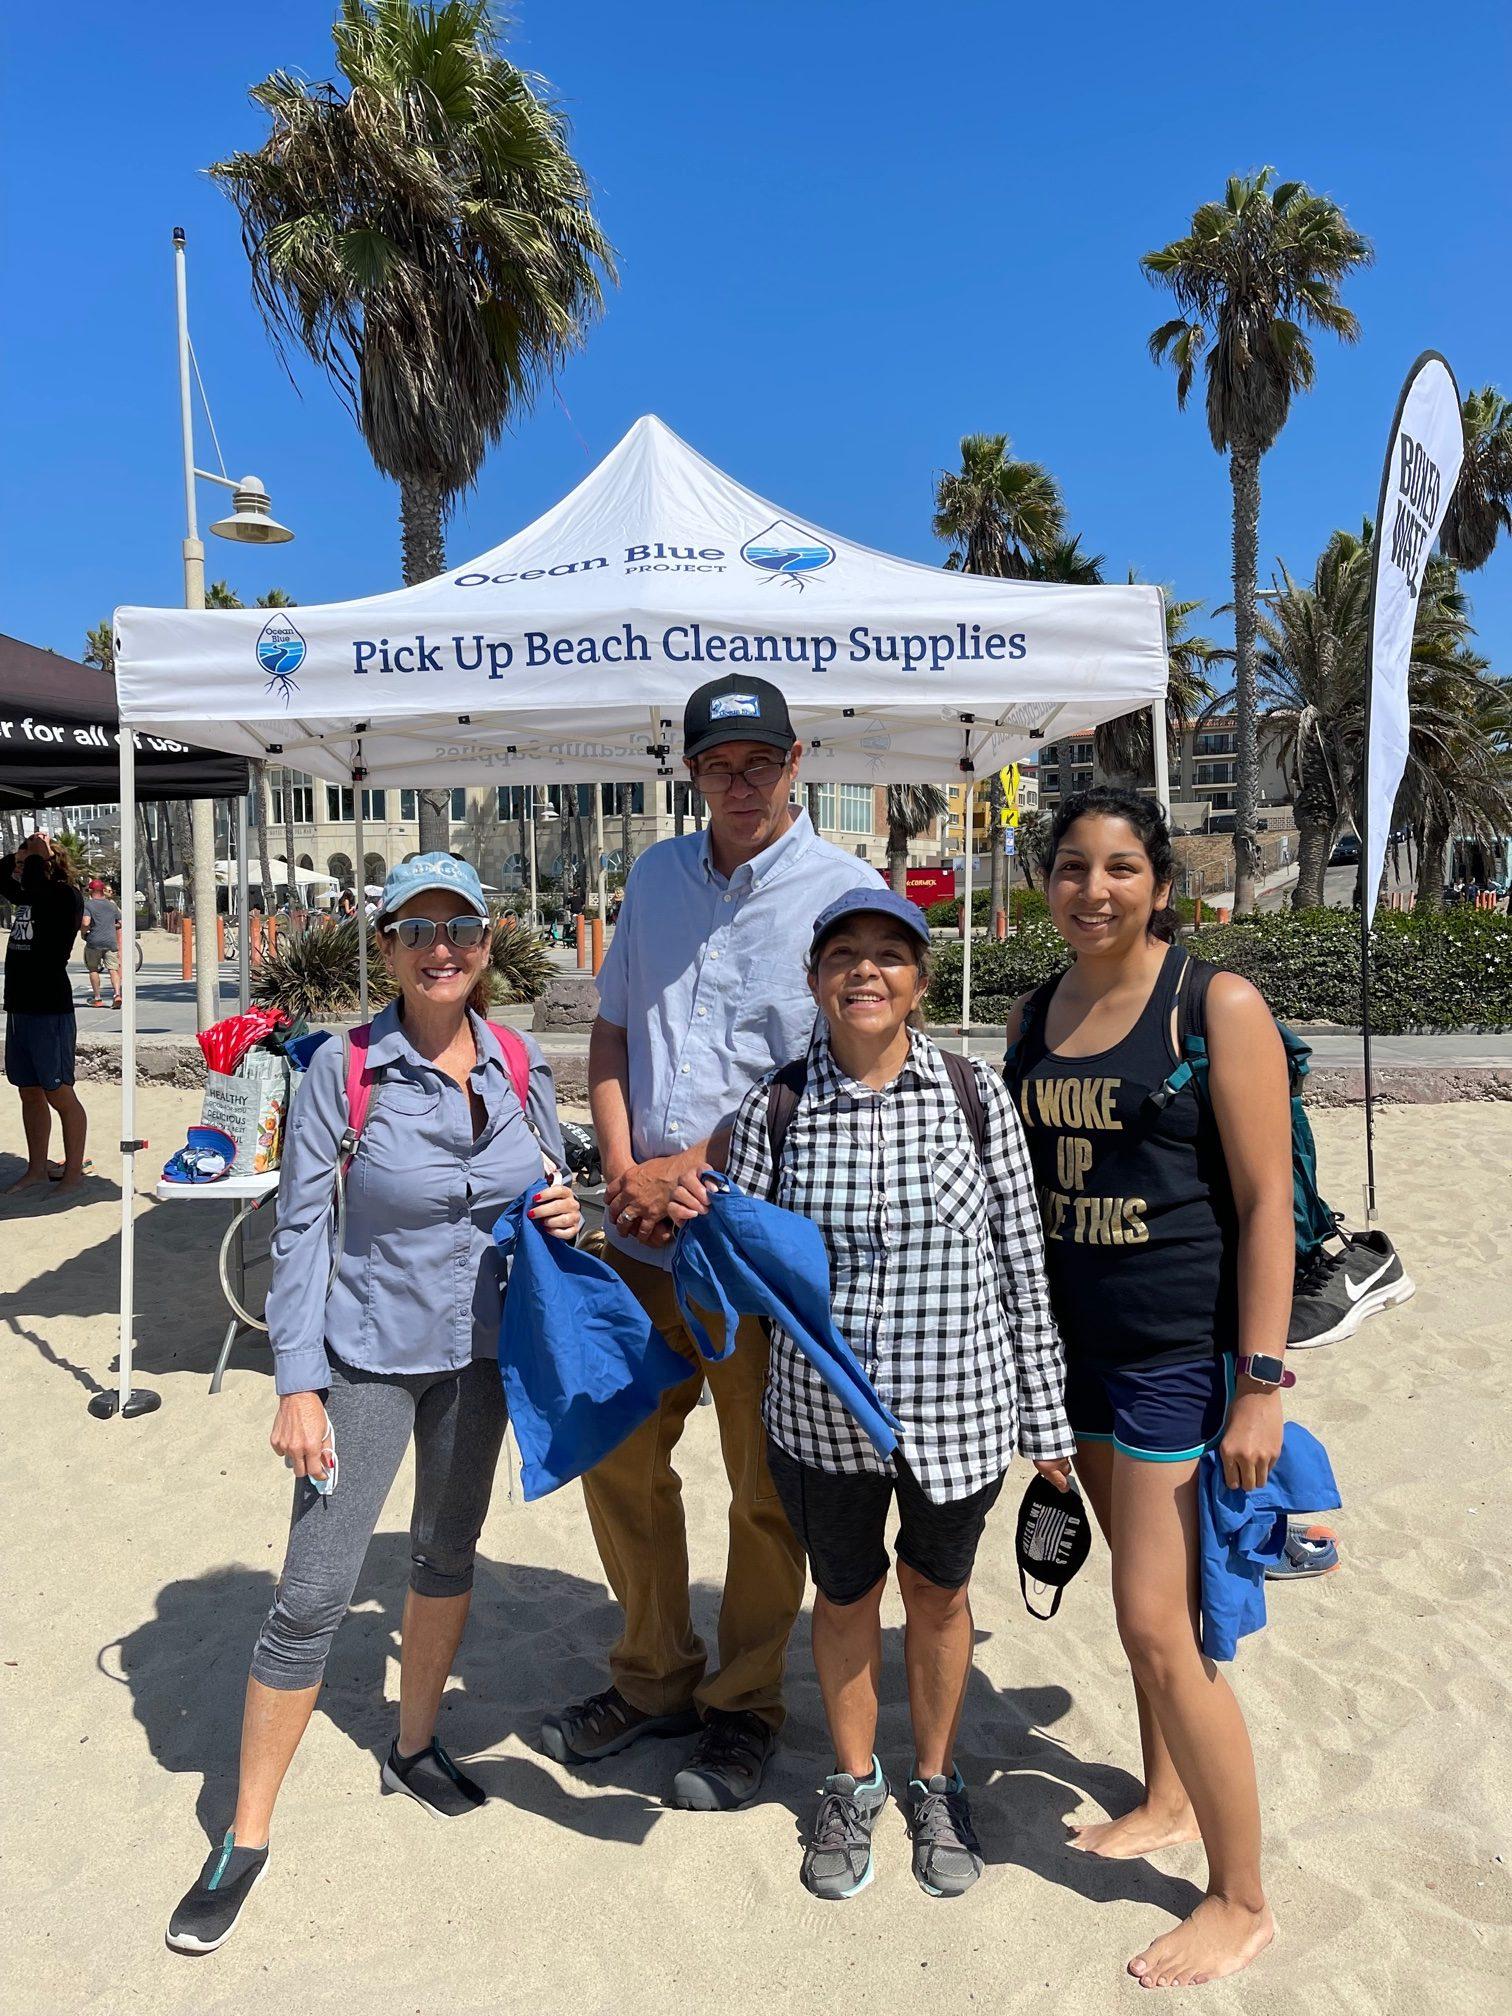 califorinia-beach-cleanups-near-me.jpg